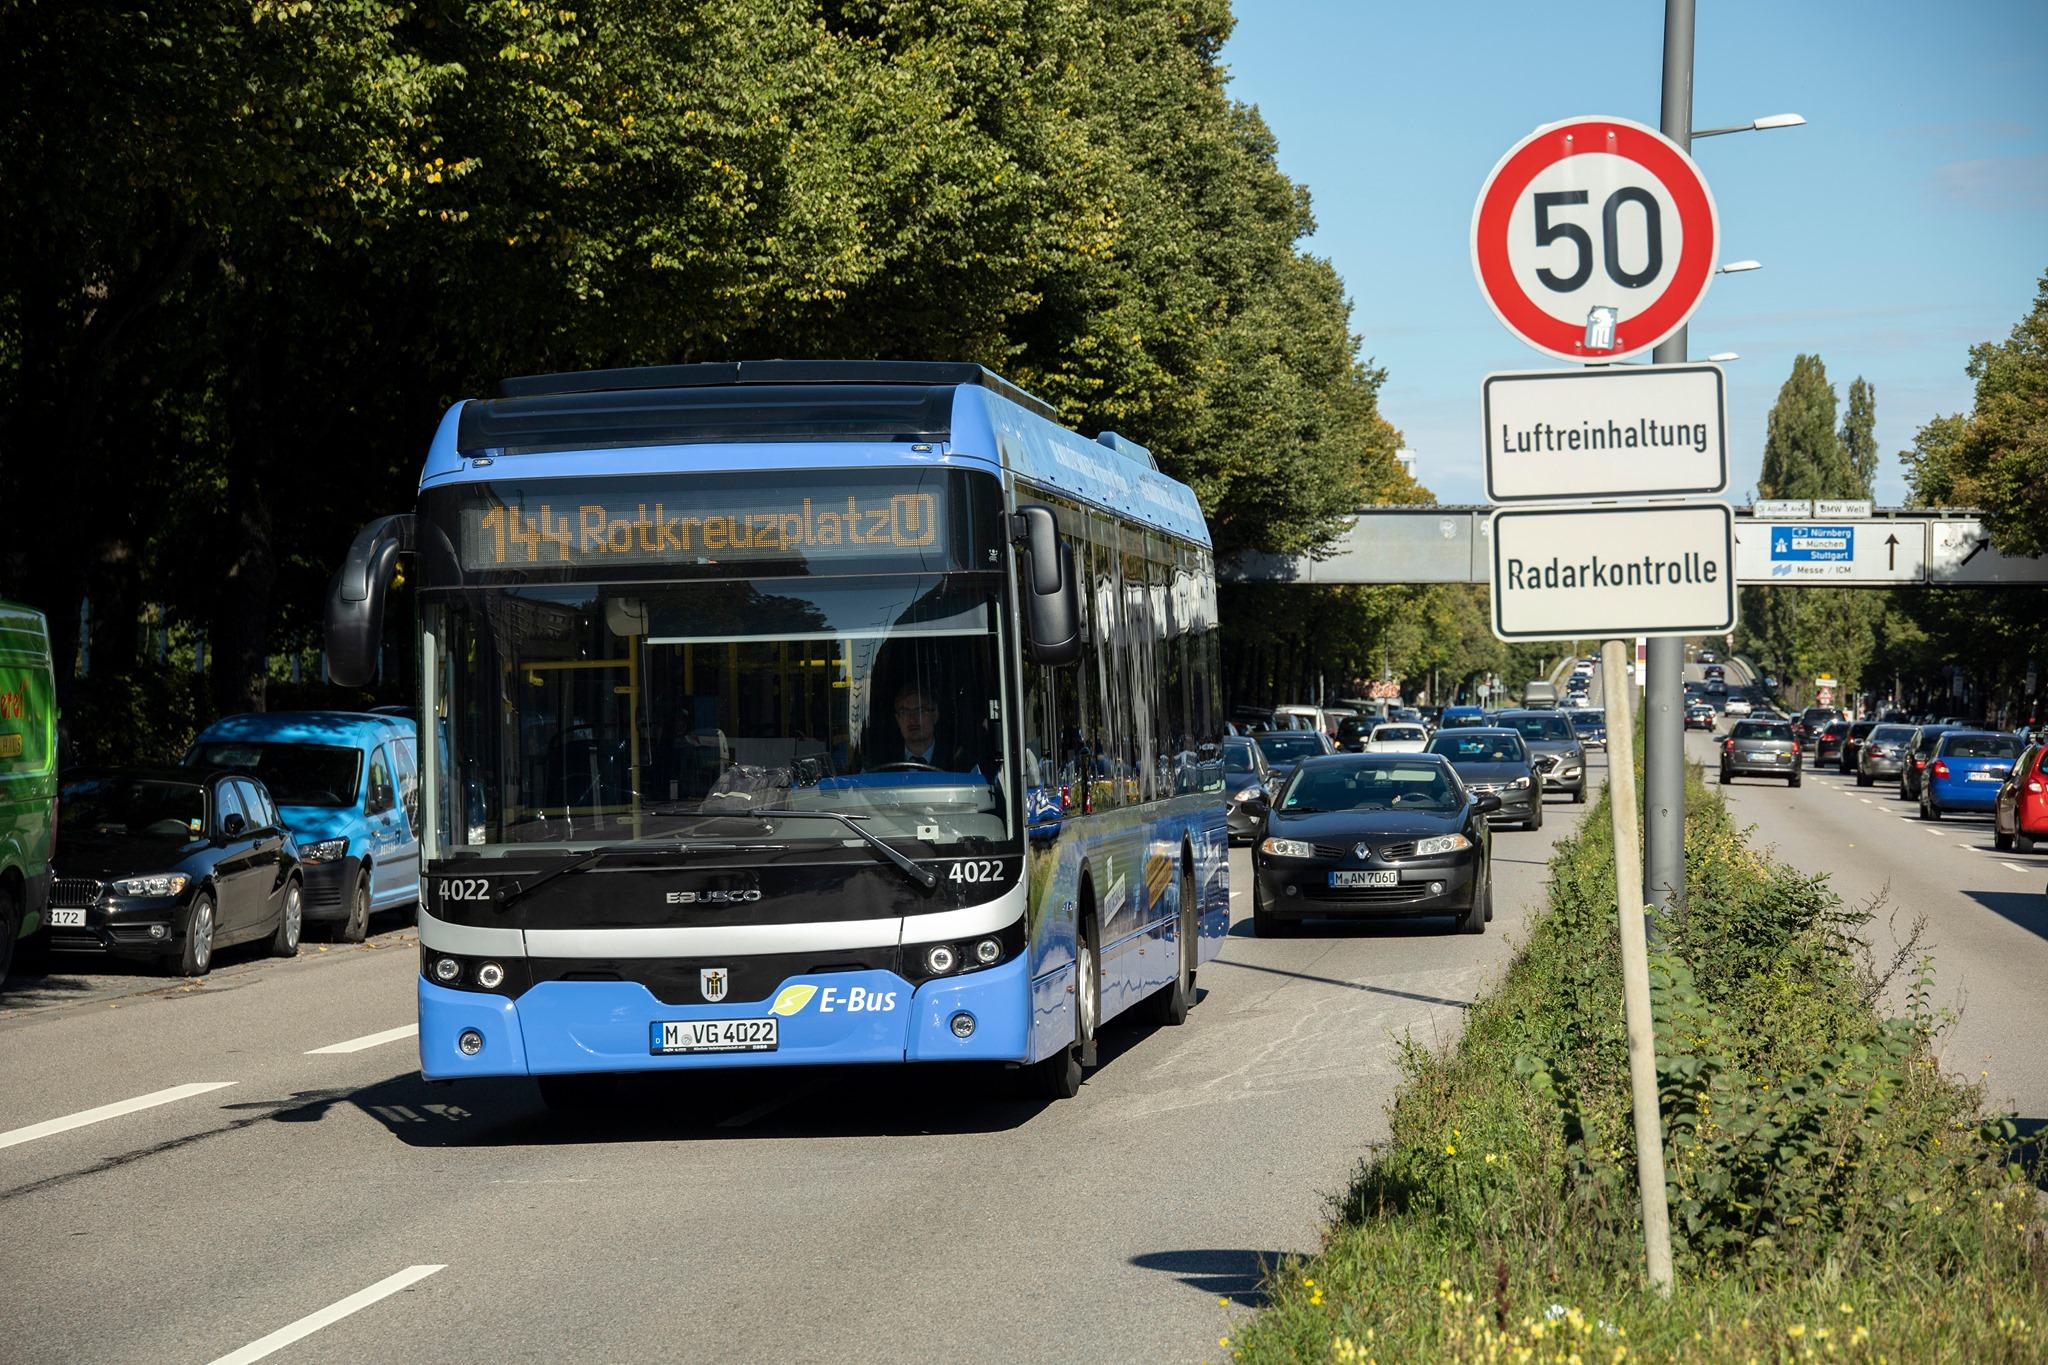 München hat eine erste komplette E-Bus-Linie